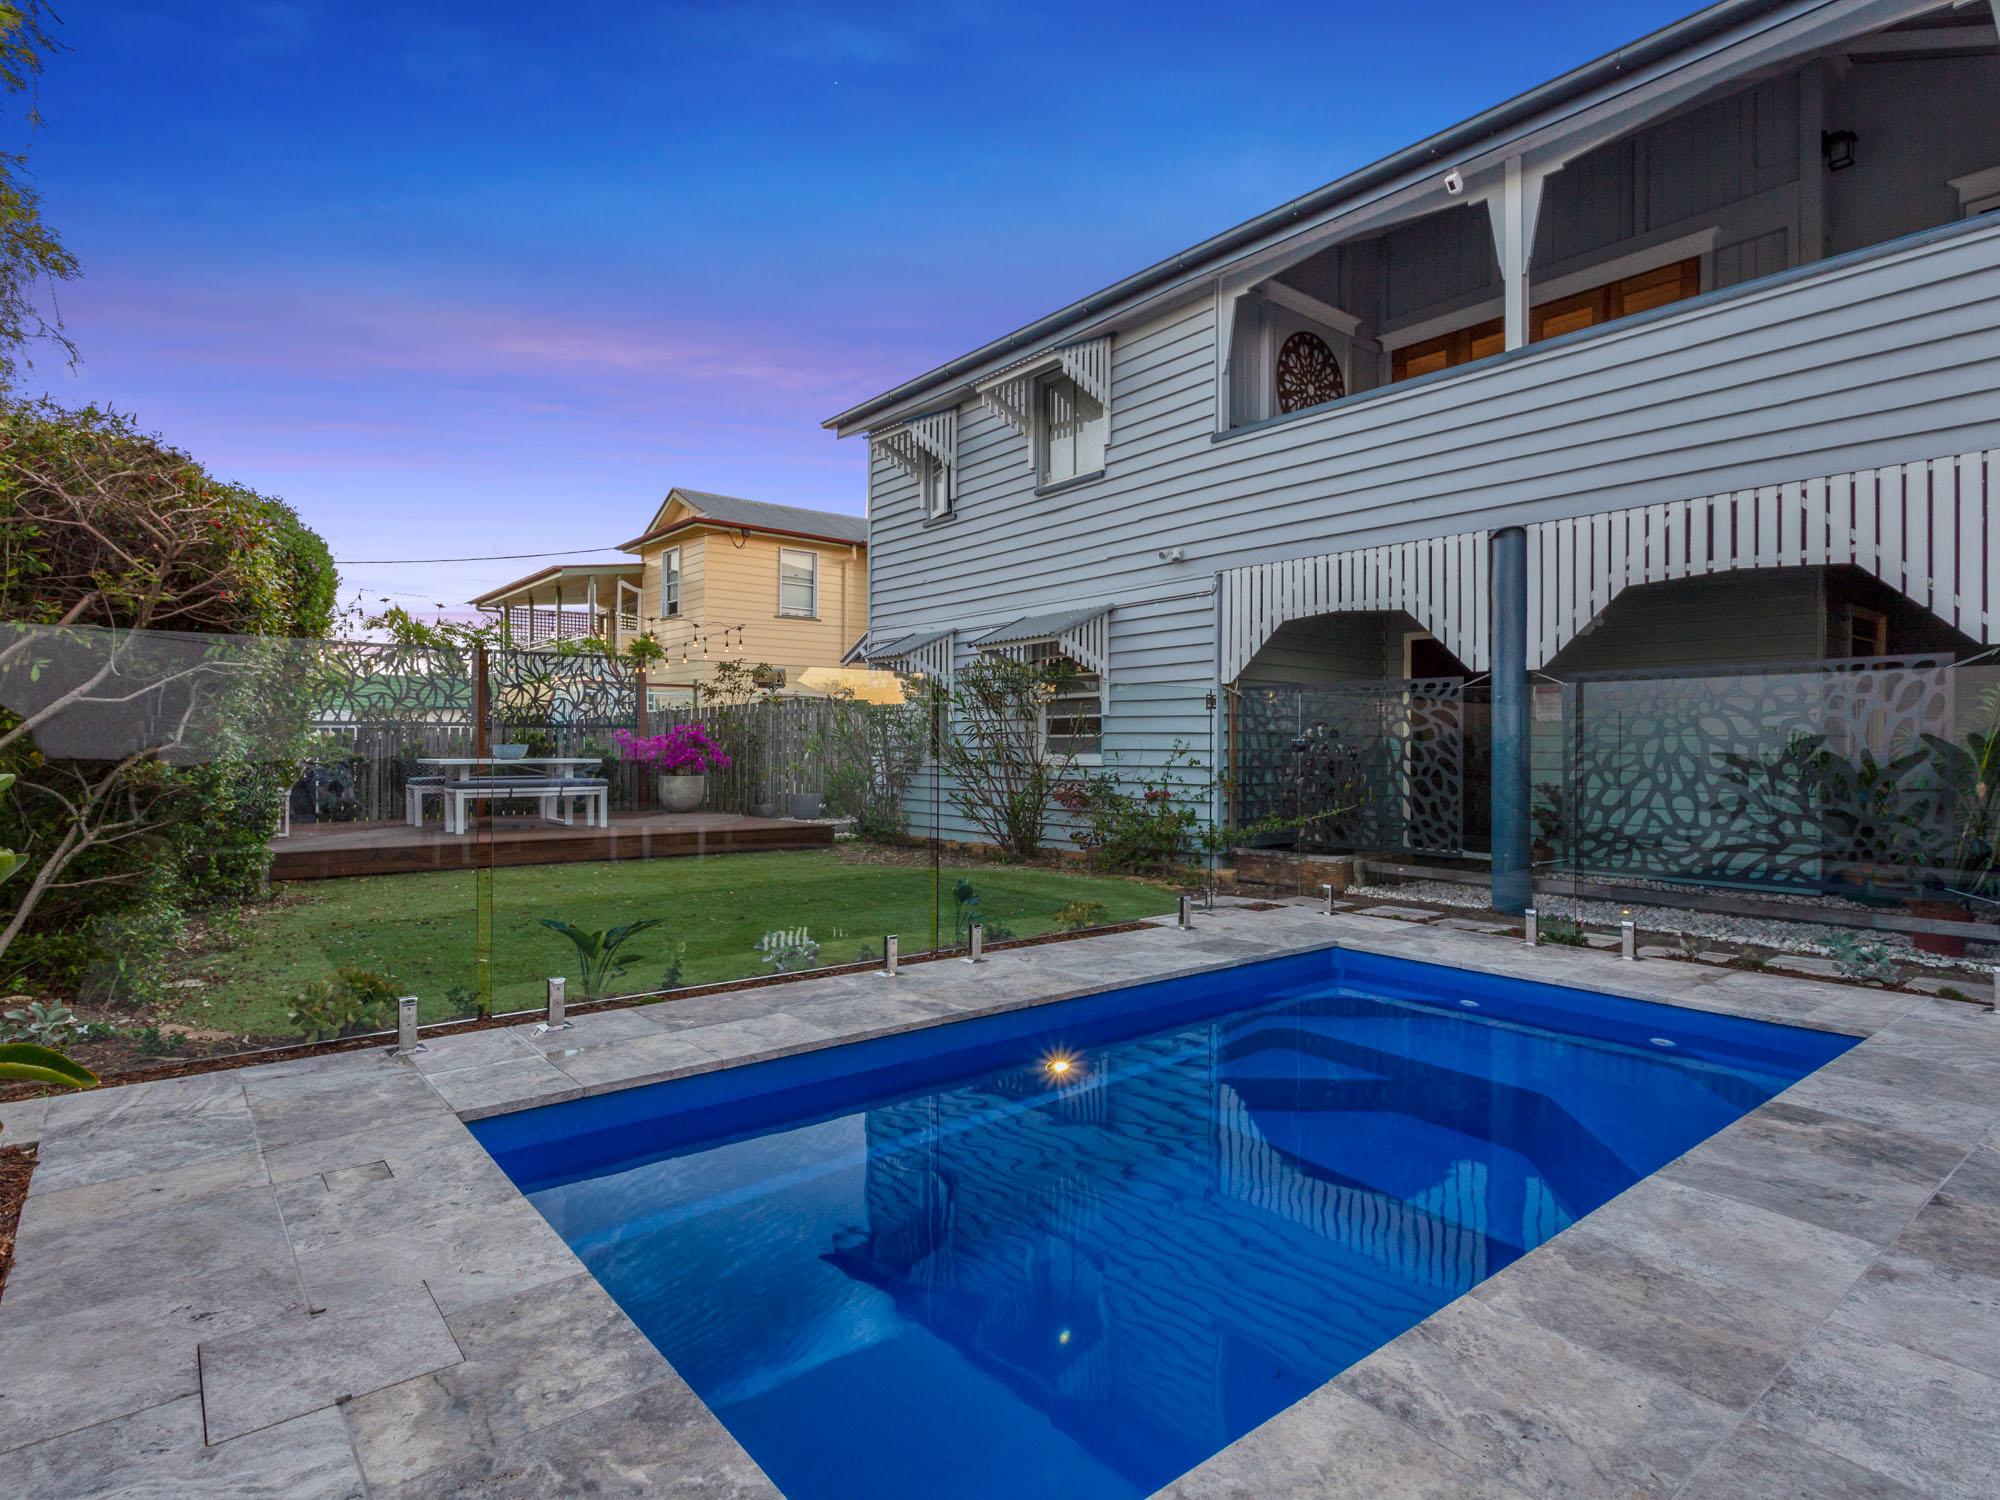 Bermuda Blue Plunge Pools Brisbane